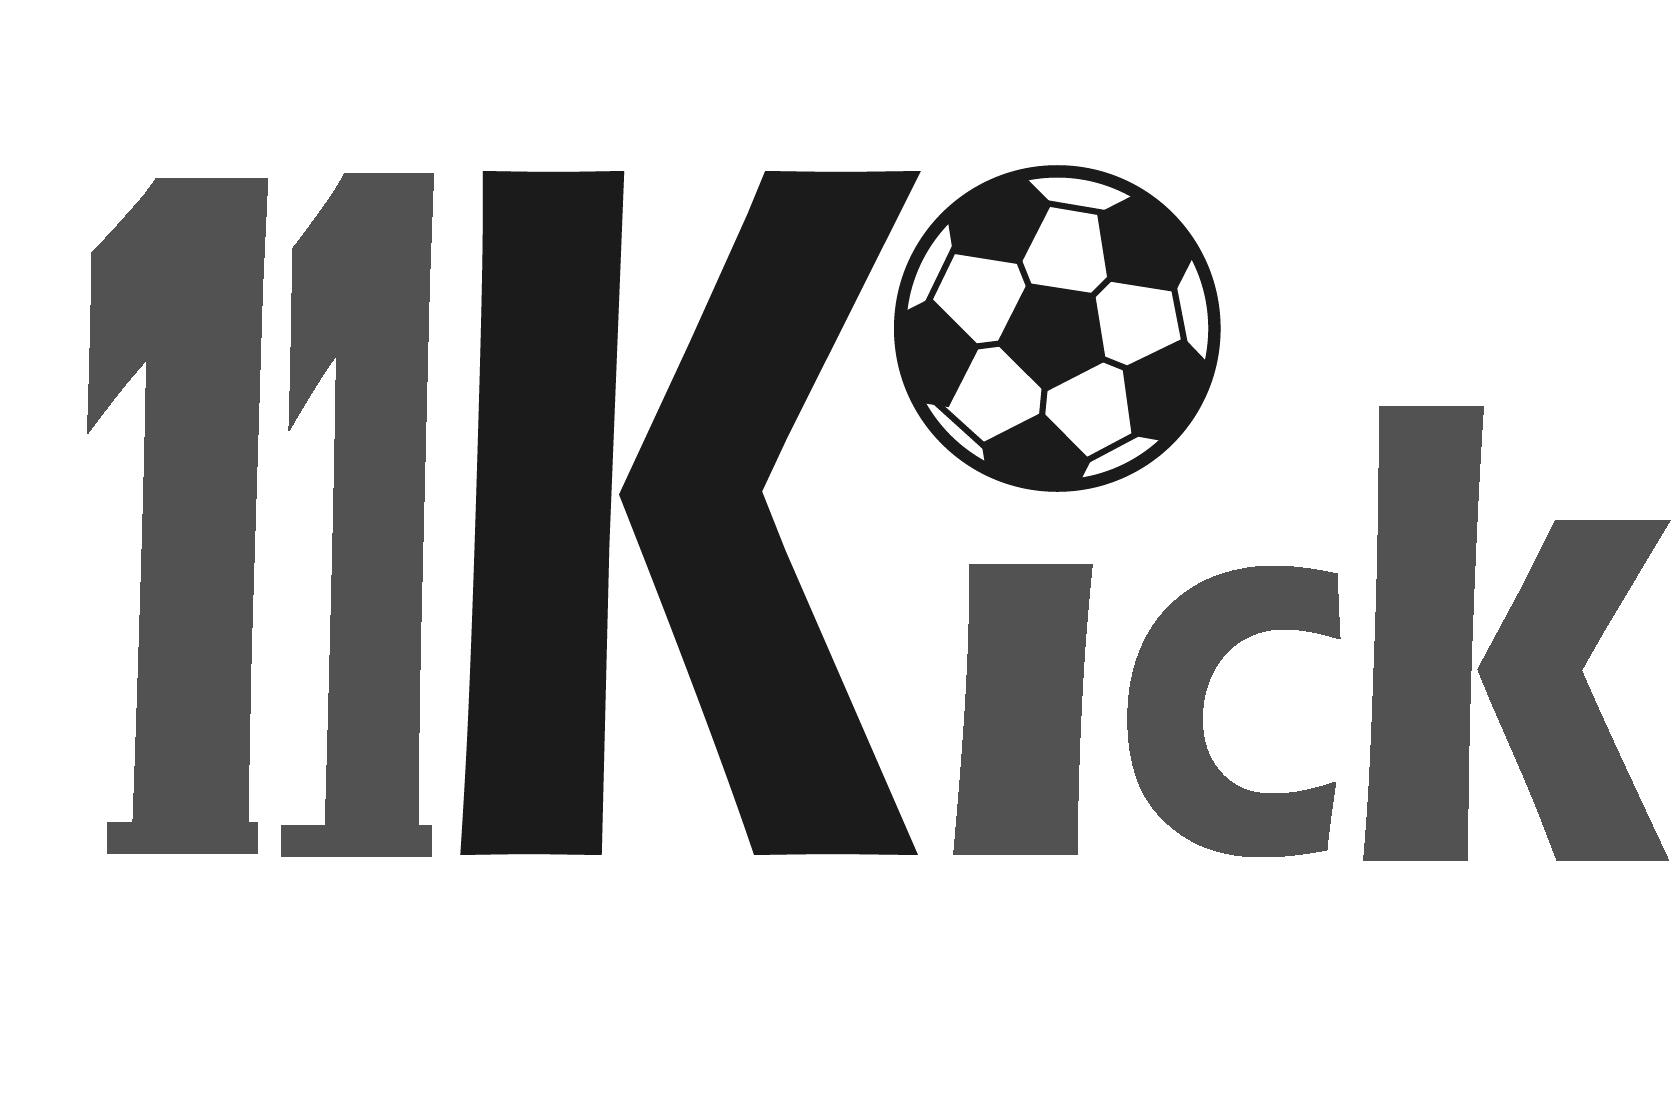 11Kick